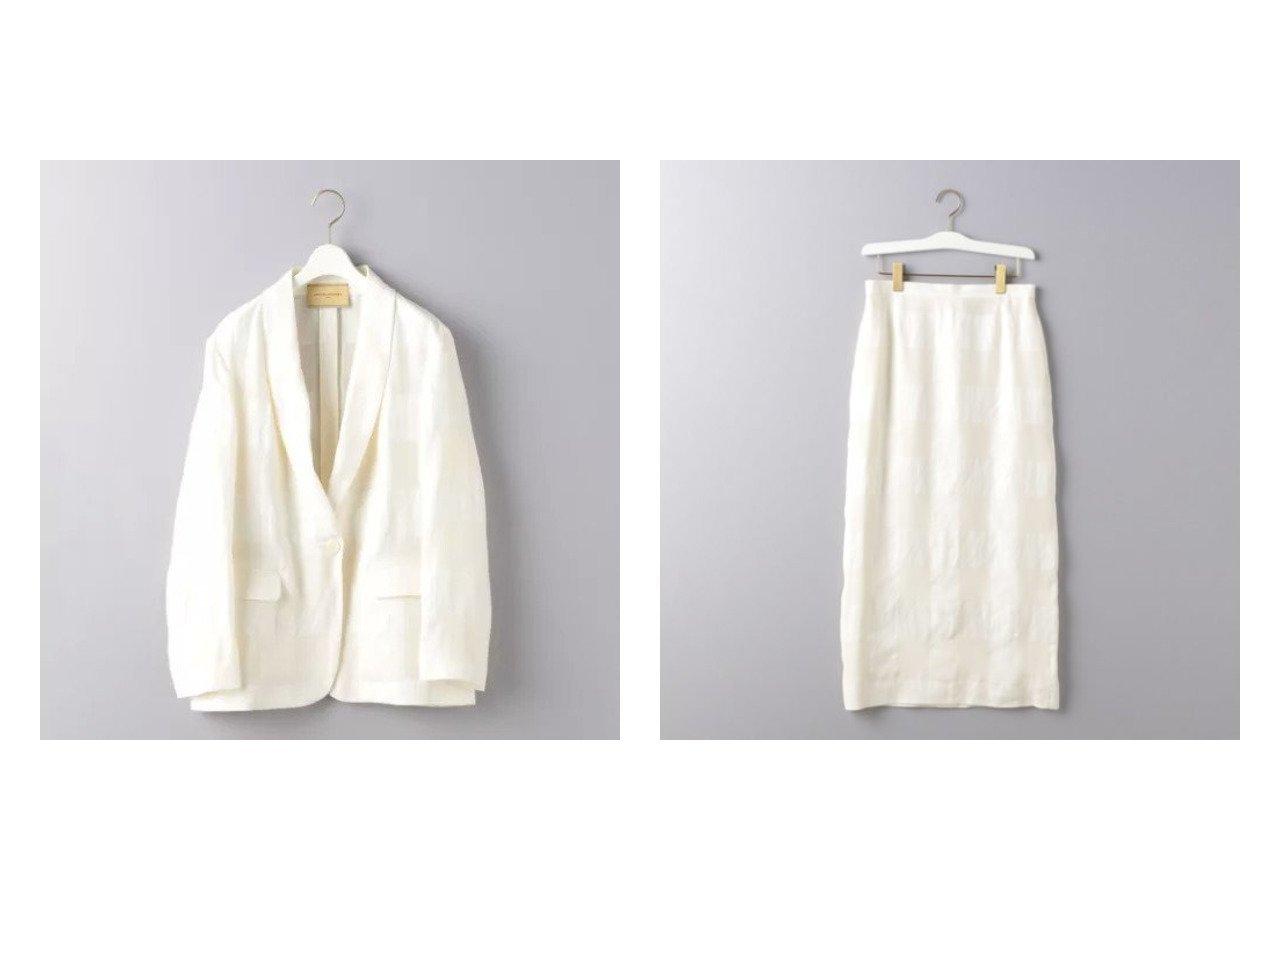 【UNITED ARROWS/ユナイテッドアローズ】のUGCM チェック柄 ショールカラー ジャケット&UGCM チェック柄 タイトスカート UNITED ARROWSのおすすめ!人気、トレンド・レディースファッションの通販 おすすめで人気の流行・トレンド、ファッションの通販商品 メンズファッション・キッズファッション・インテリア・家具・レディースファッション・服の通販 founy(ファニー) https://founy.com/ ファッション Fashion レディースファッション WOMEN アウター Coat Outerwear ジャケット Jackets スカート Skirt エレガント クラシック ショール ジャケット セットアップ チェック カットソー タイトスカート マキシ ロング |ID:crp329100000016609